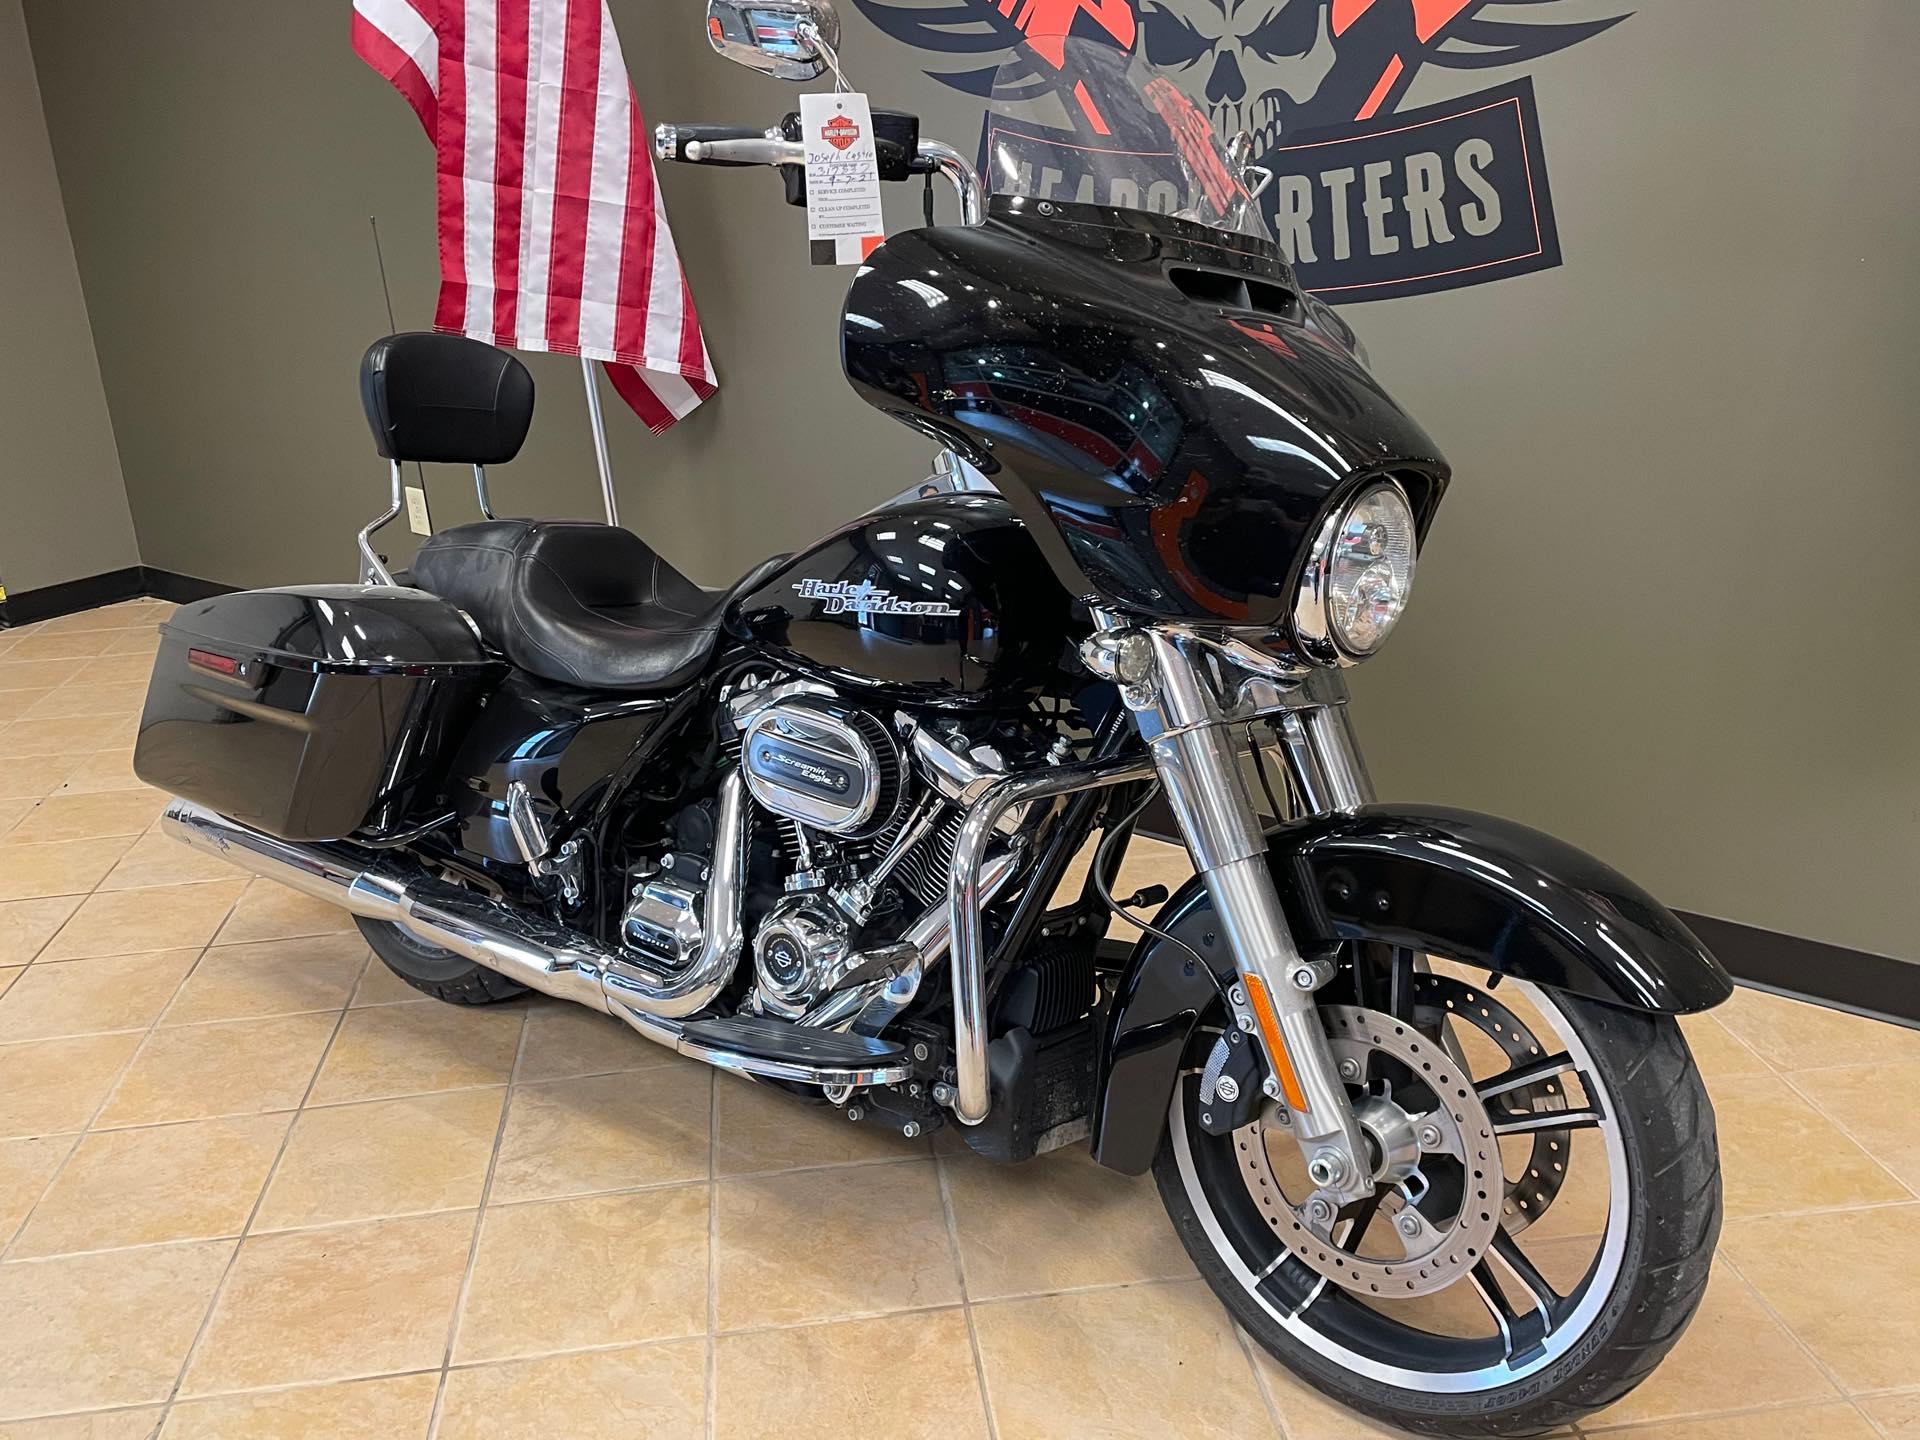 2017 Harley-Davidson Street Glide Base at Loess Hills Harley-Davidson